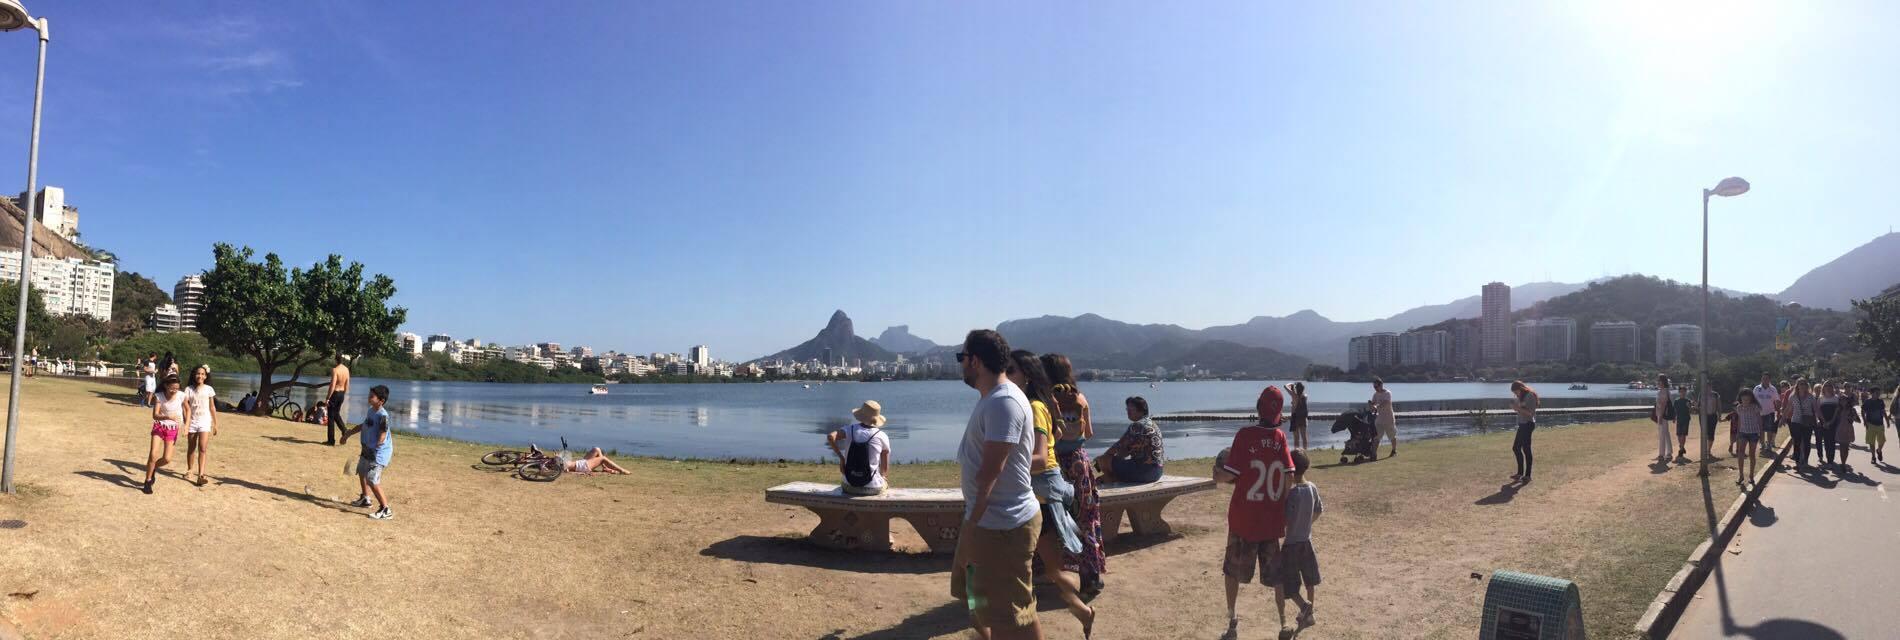 אגם של אטרקציות: לגואה רודריגו דה פריטאס (צילום: עדן יאיר) (צילום: עדן יאיר)